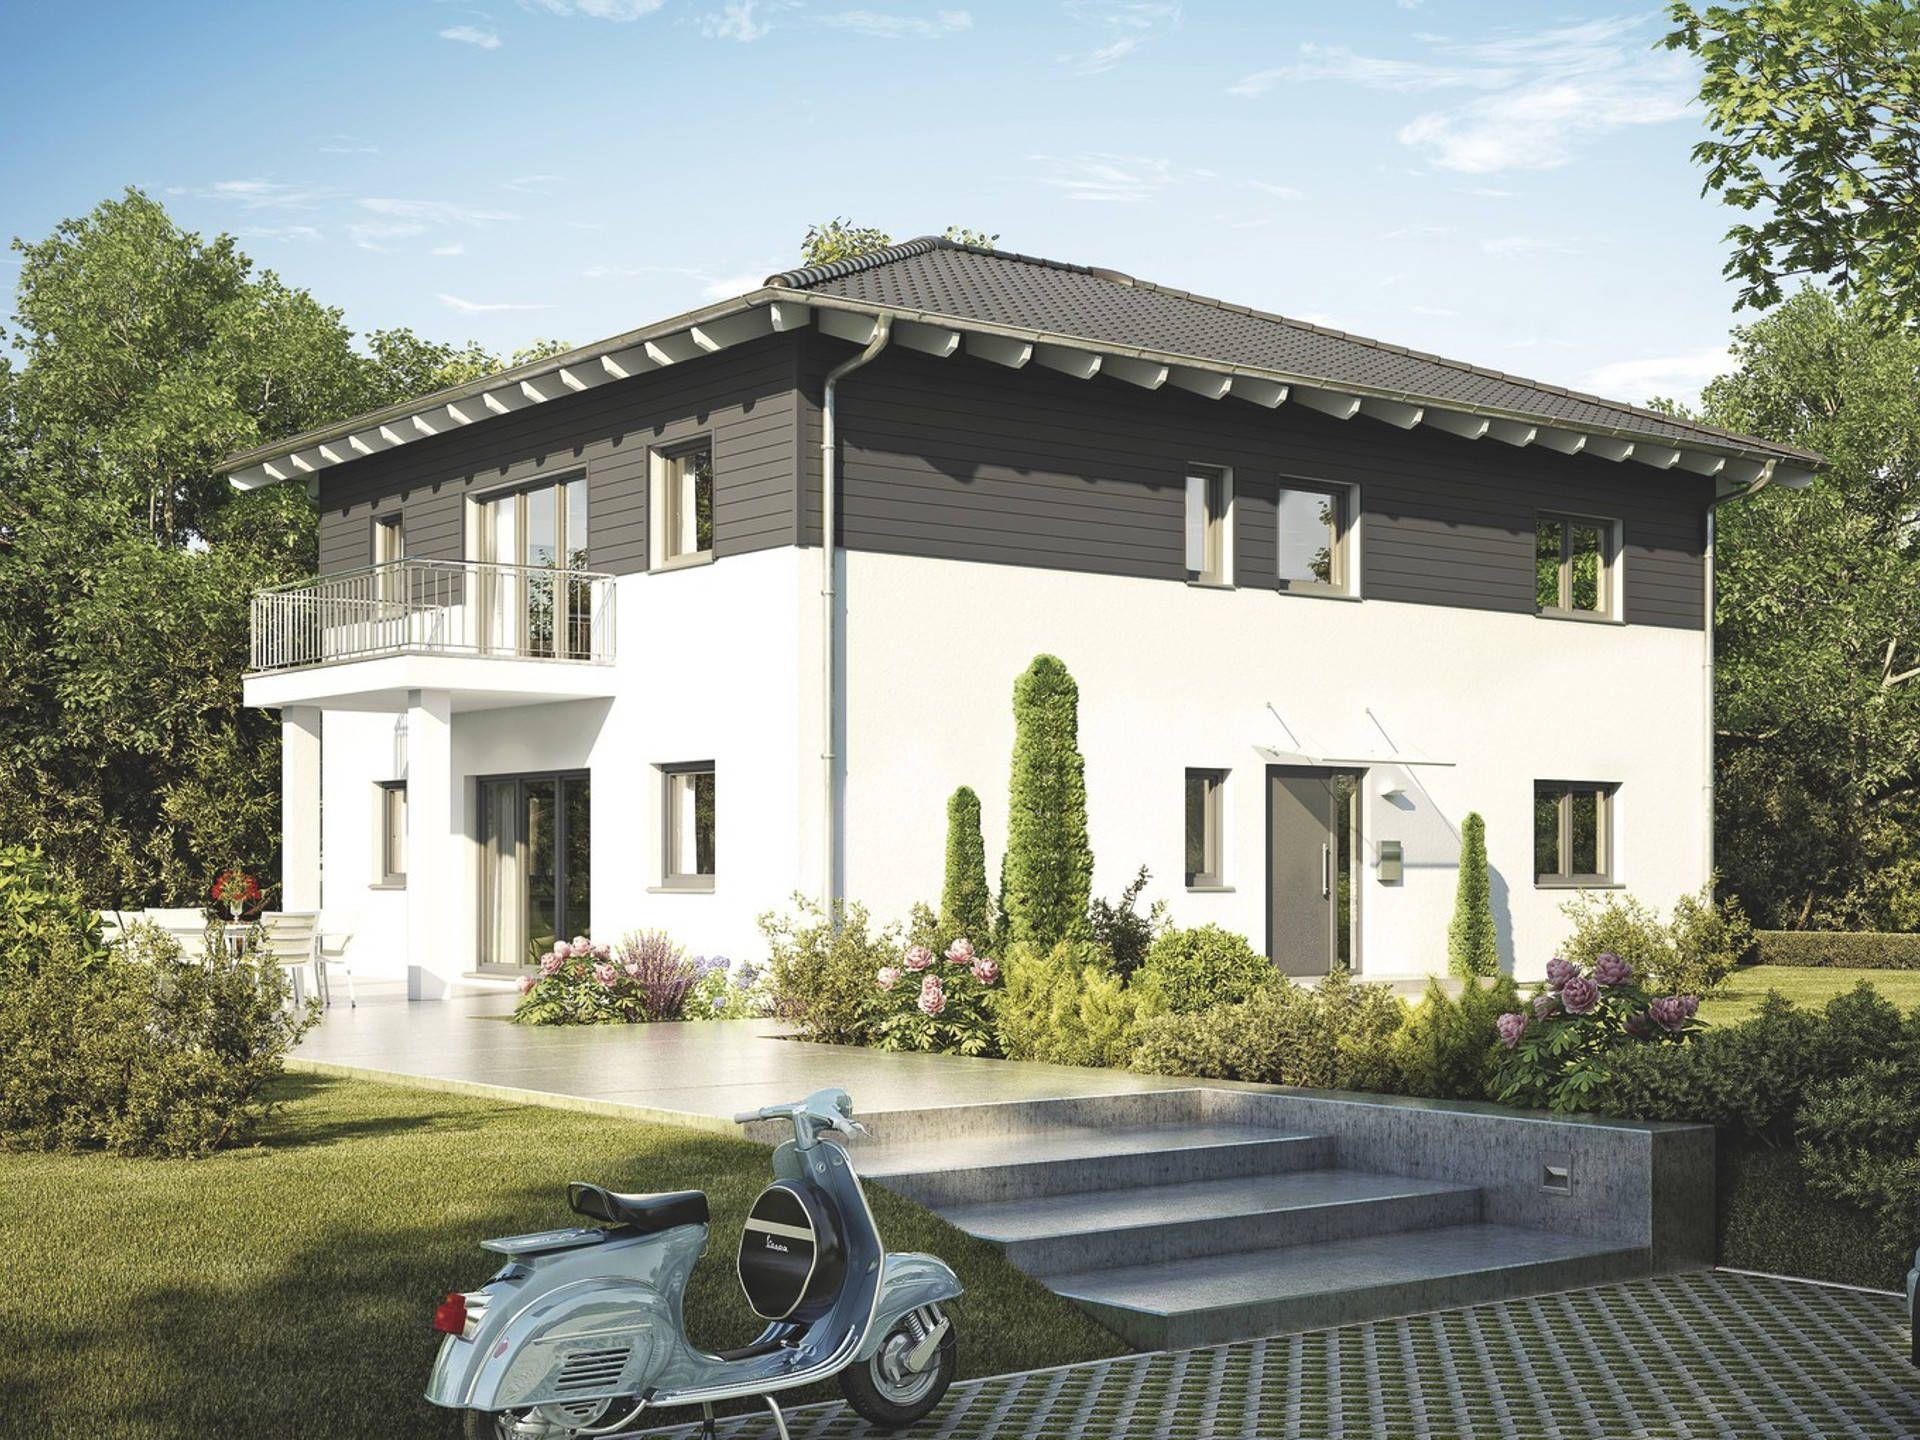 Haus balance 400 • haus mit einliegerwohnung von weberhaus • modernes fertighaus mit walmdach und zwei